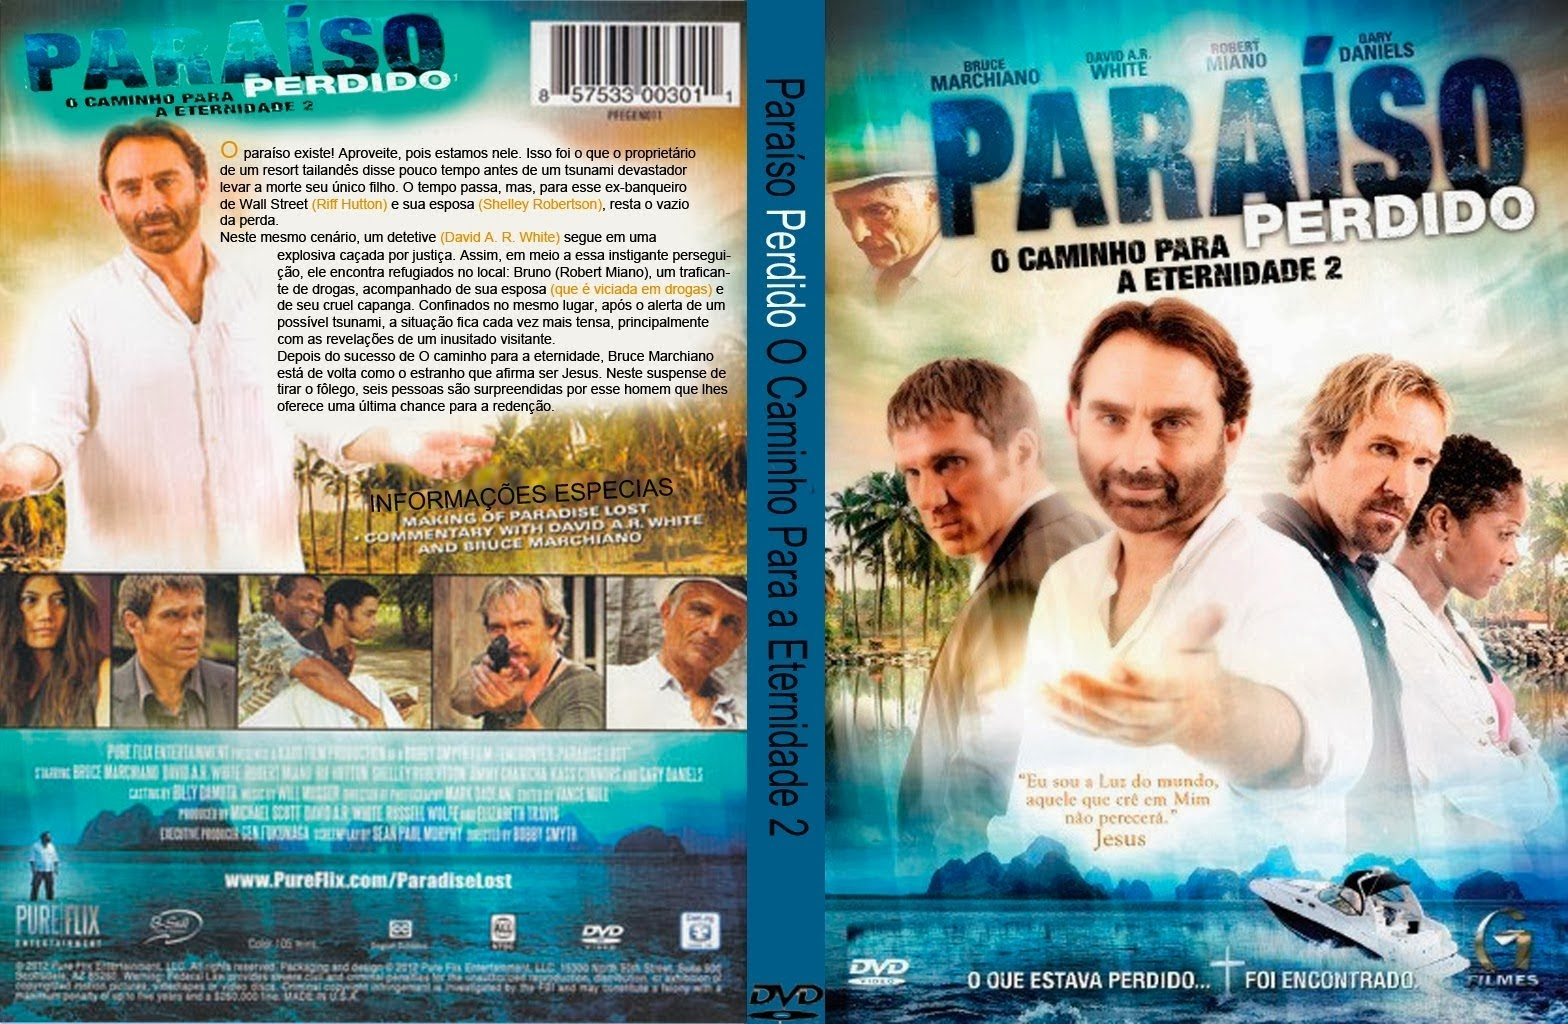 FILMES ONLINE: PARAÍSO PERDIDO O CAMINHO PARA A ETERNIDADE 2